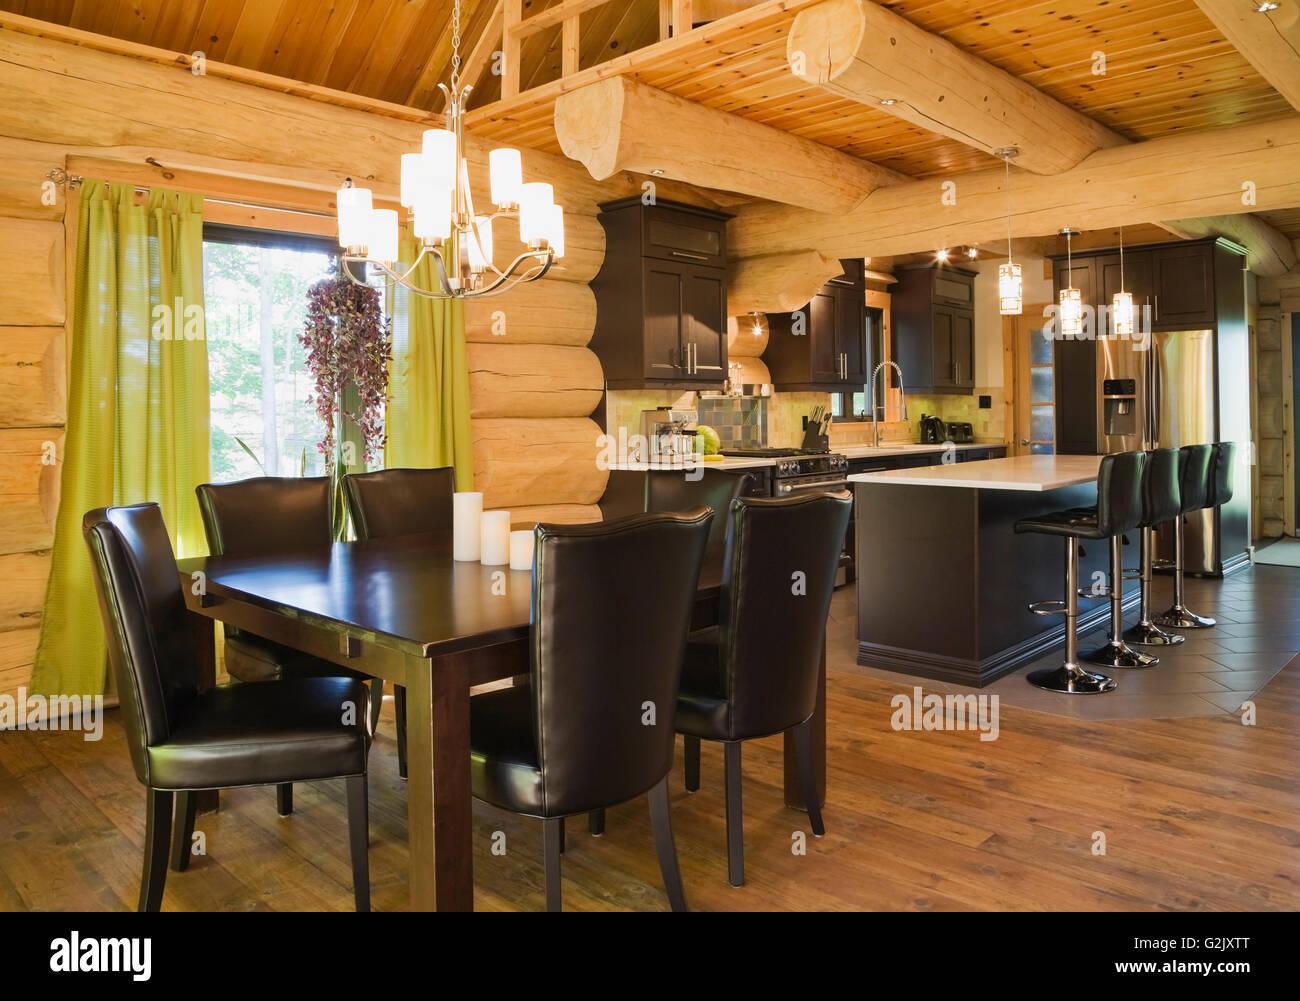 Sthle esszimmer elegant esszimmer stuhl stenum with sthle for Stuhle mit lehne leder